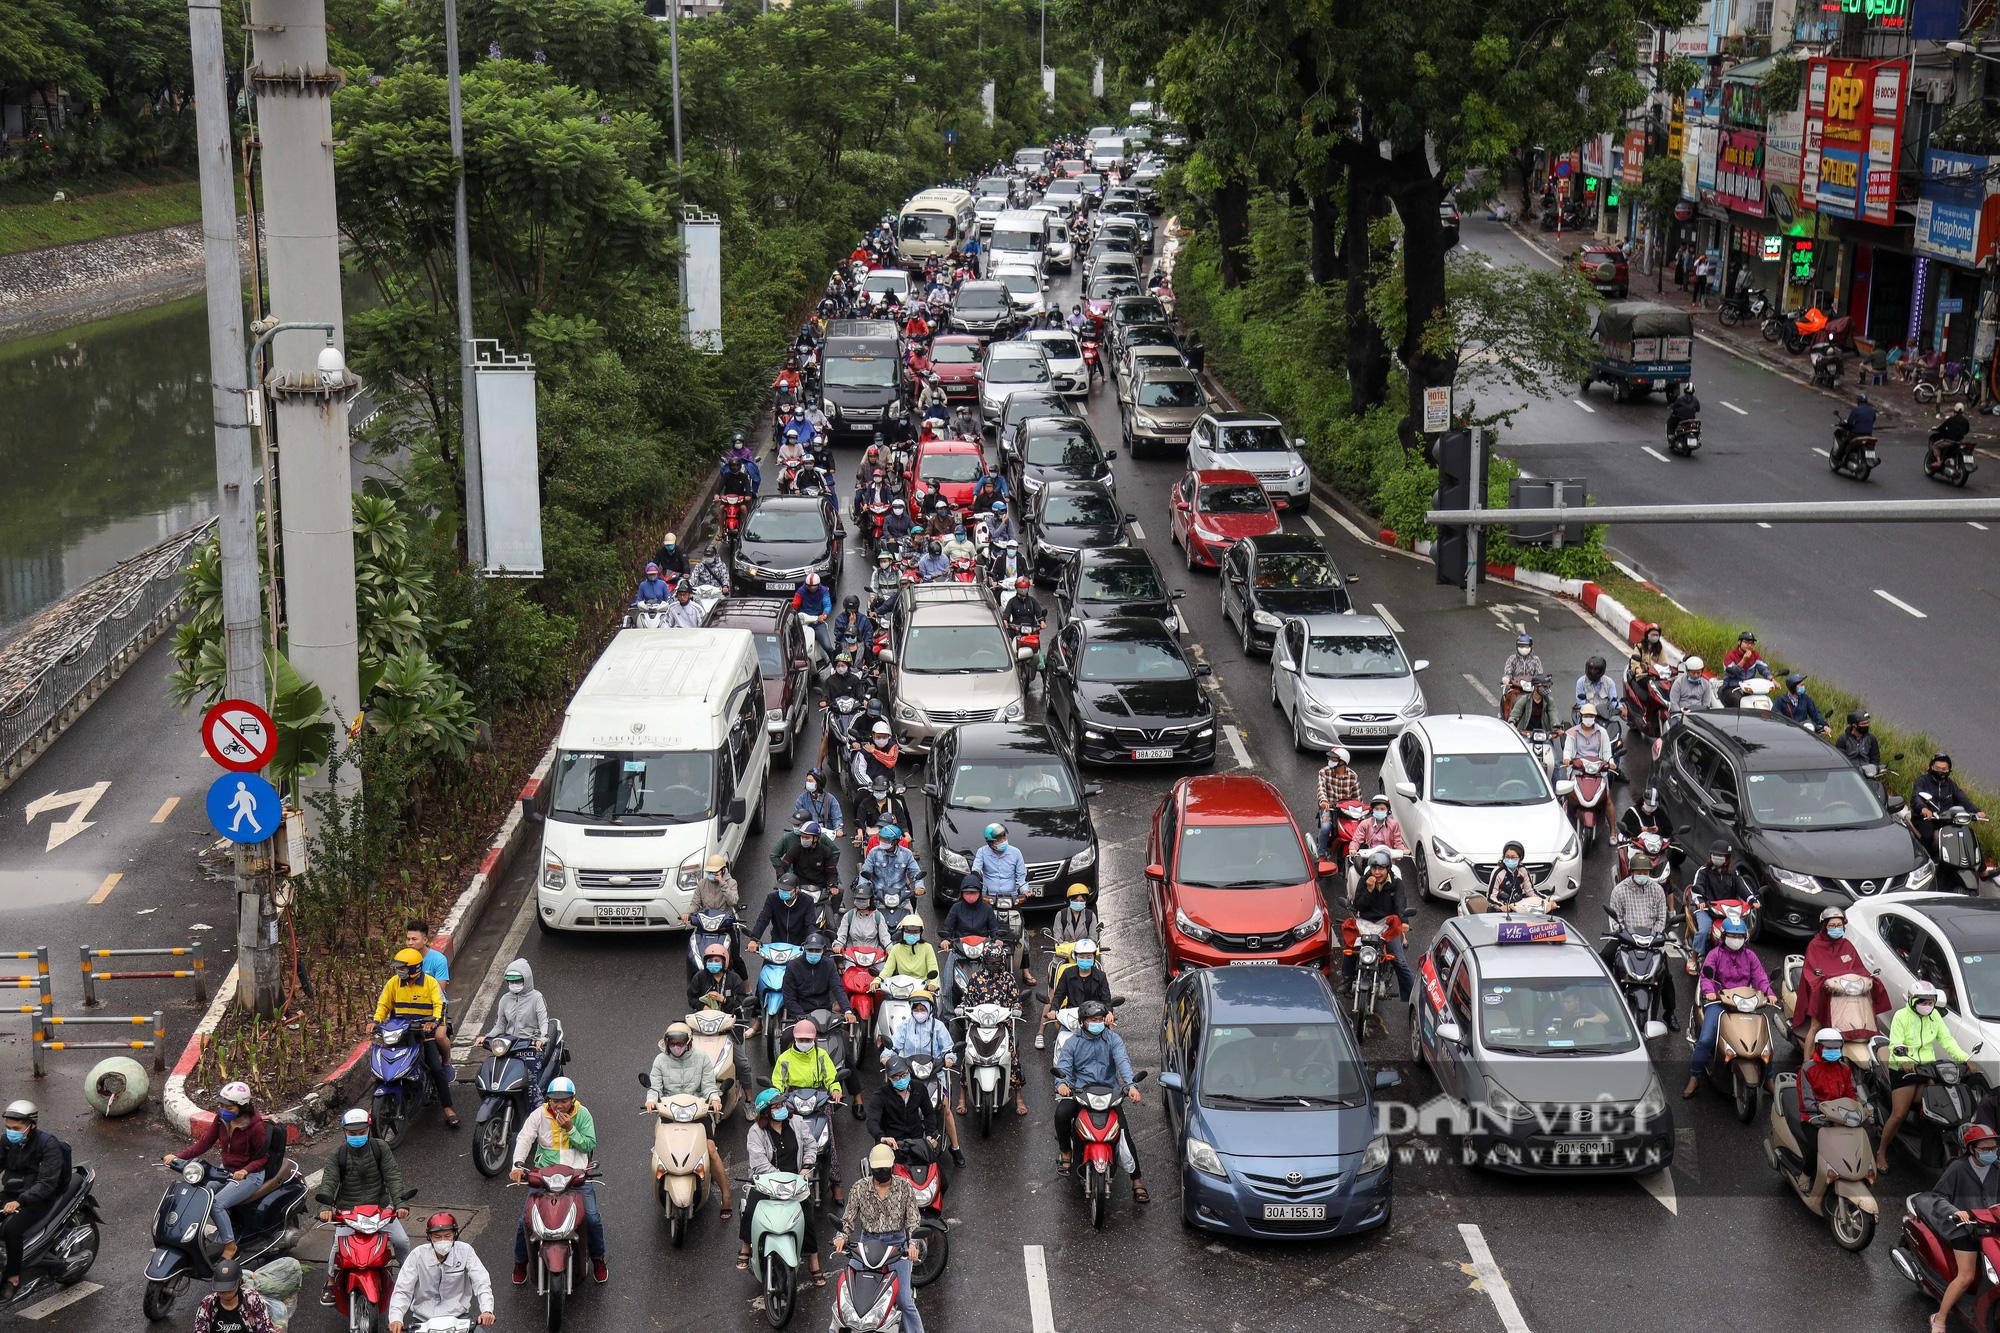 Tắc đường kinh hoàng trên địa bàn nhiều quận ở Hà Nội - Ảnh 9.